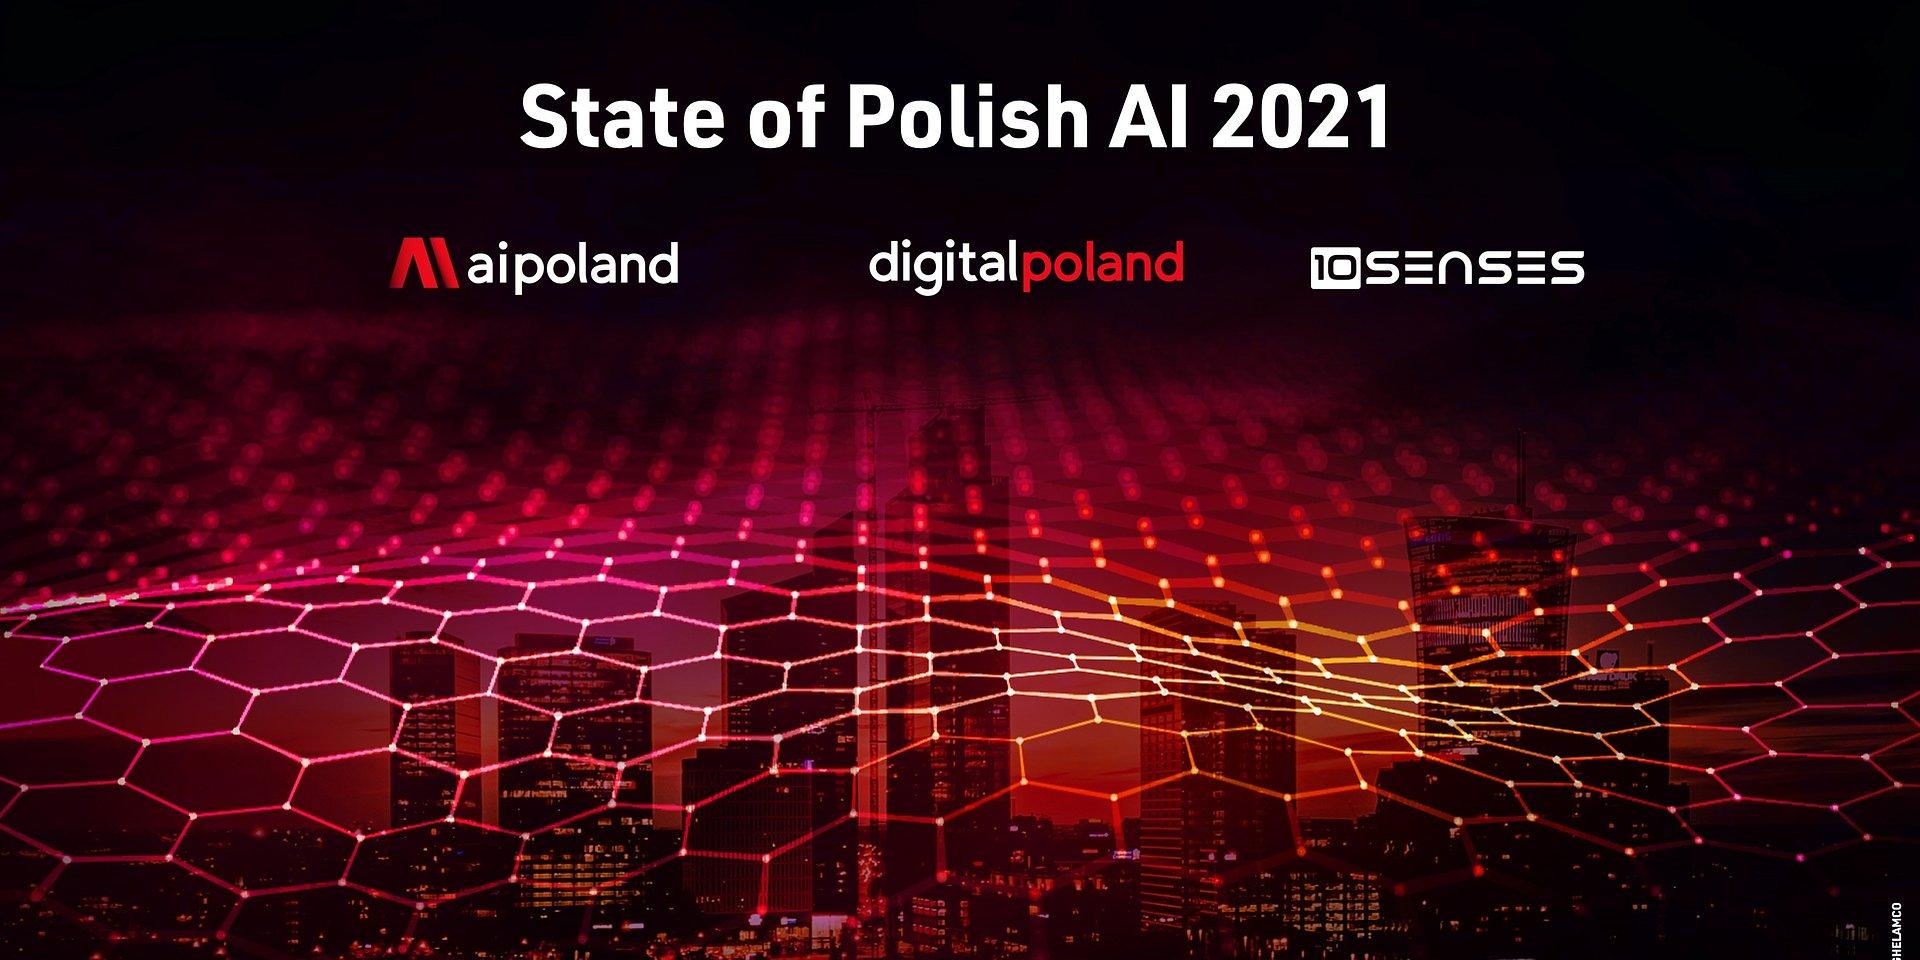 Kto stoi za AI w Polsce? Nowy raport fundacji Digital Poland State of Polish AI